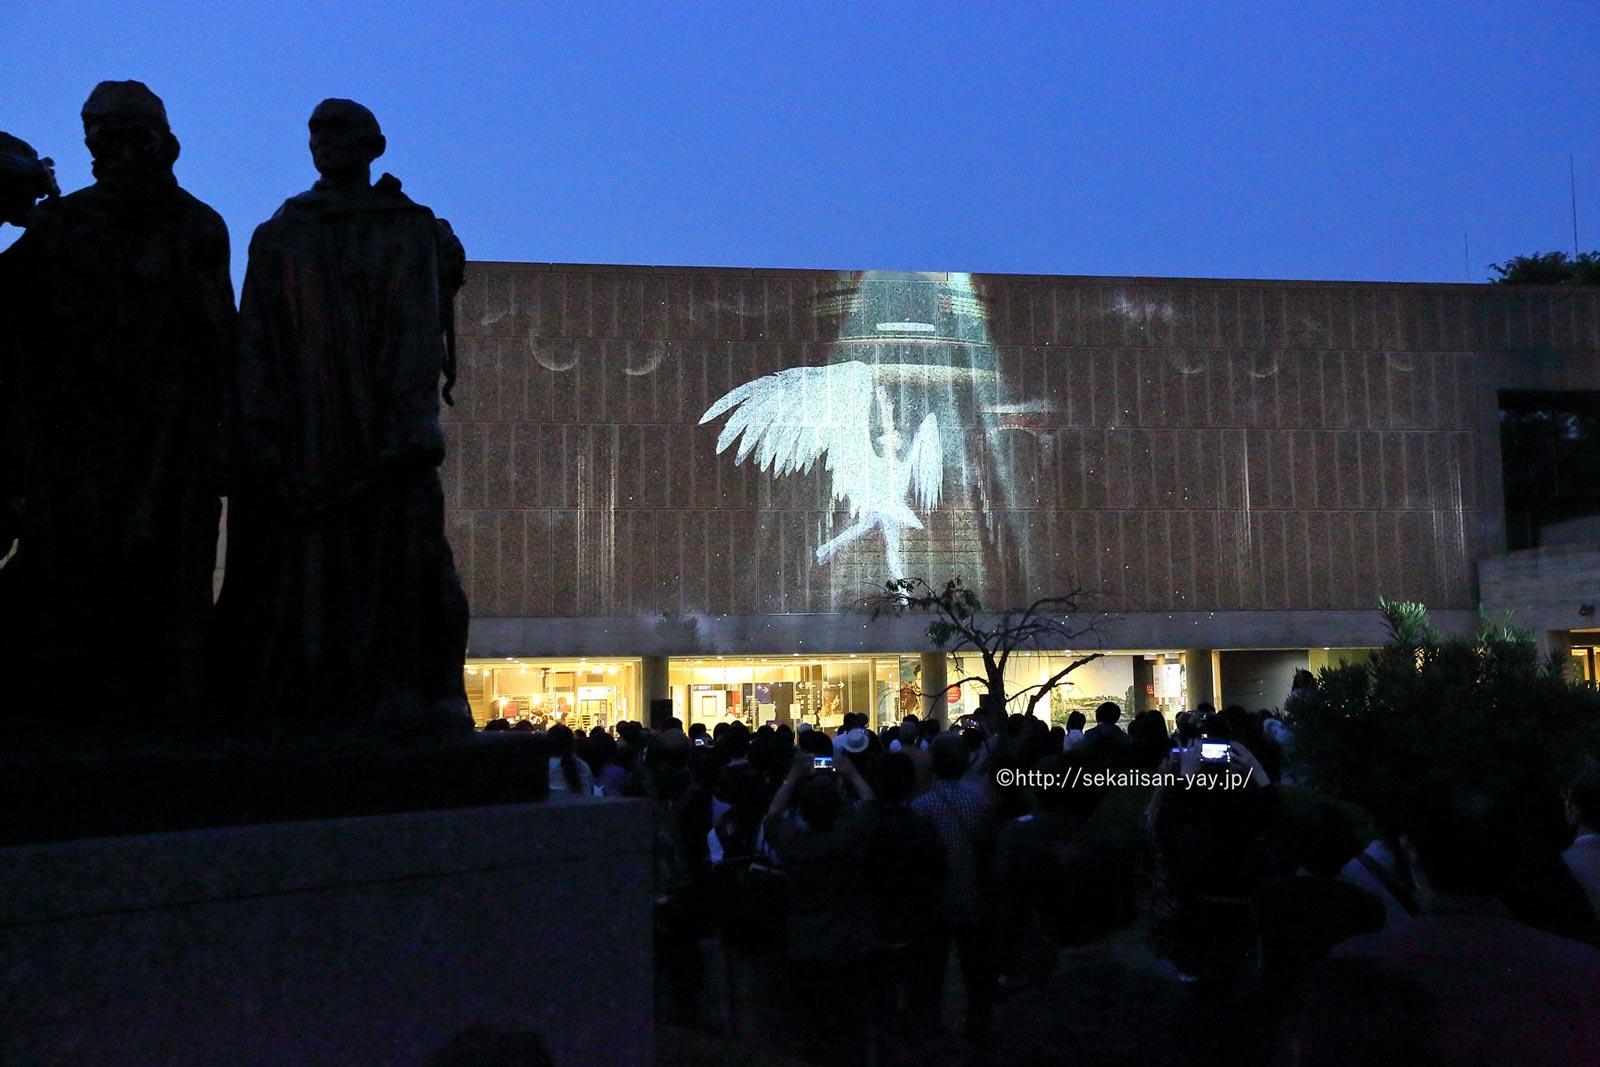 日本「国立西洋美術館本館」プロジェクションマッピング